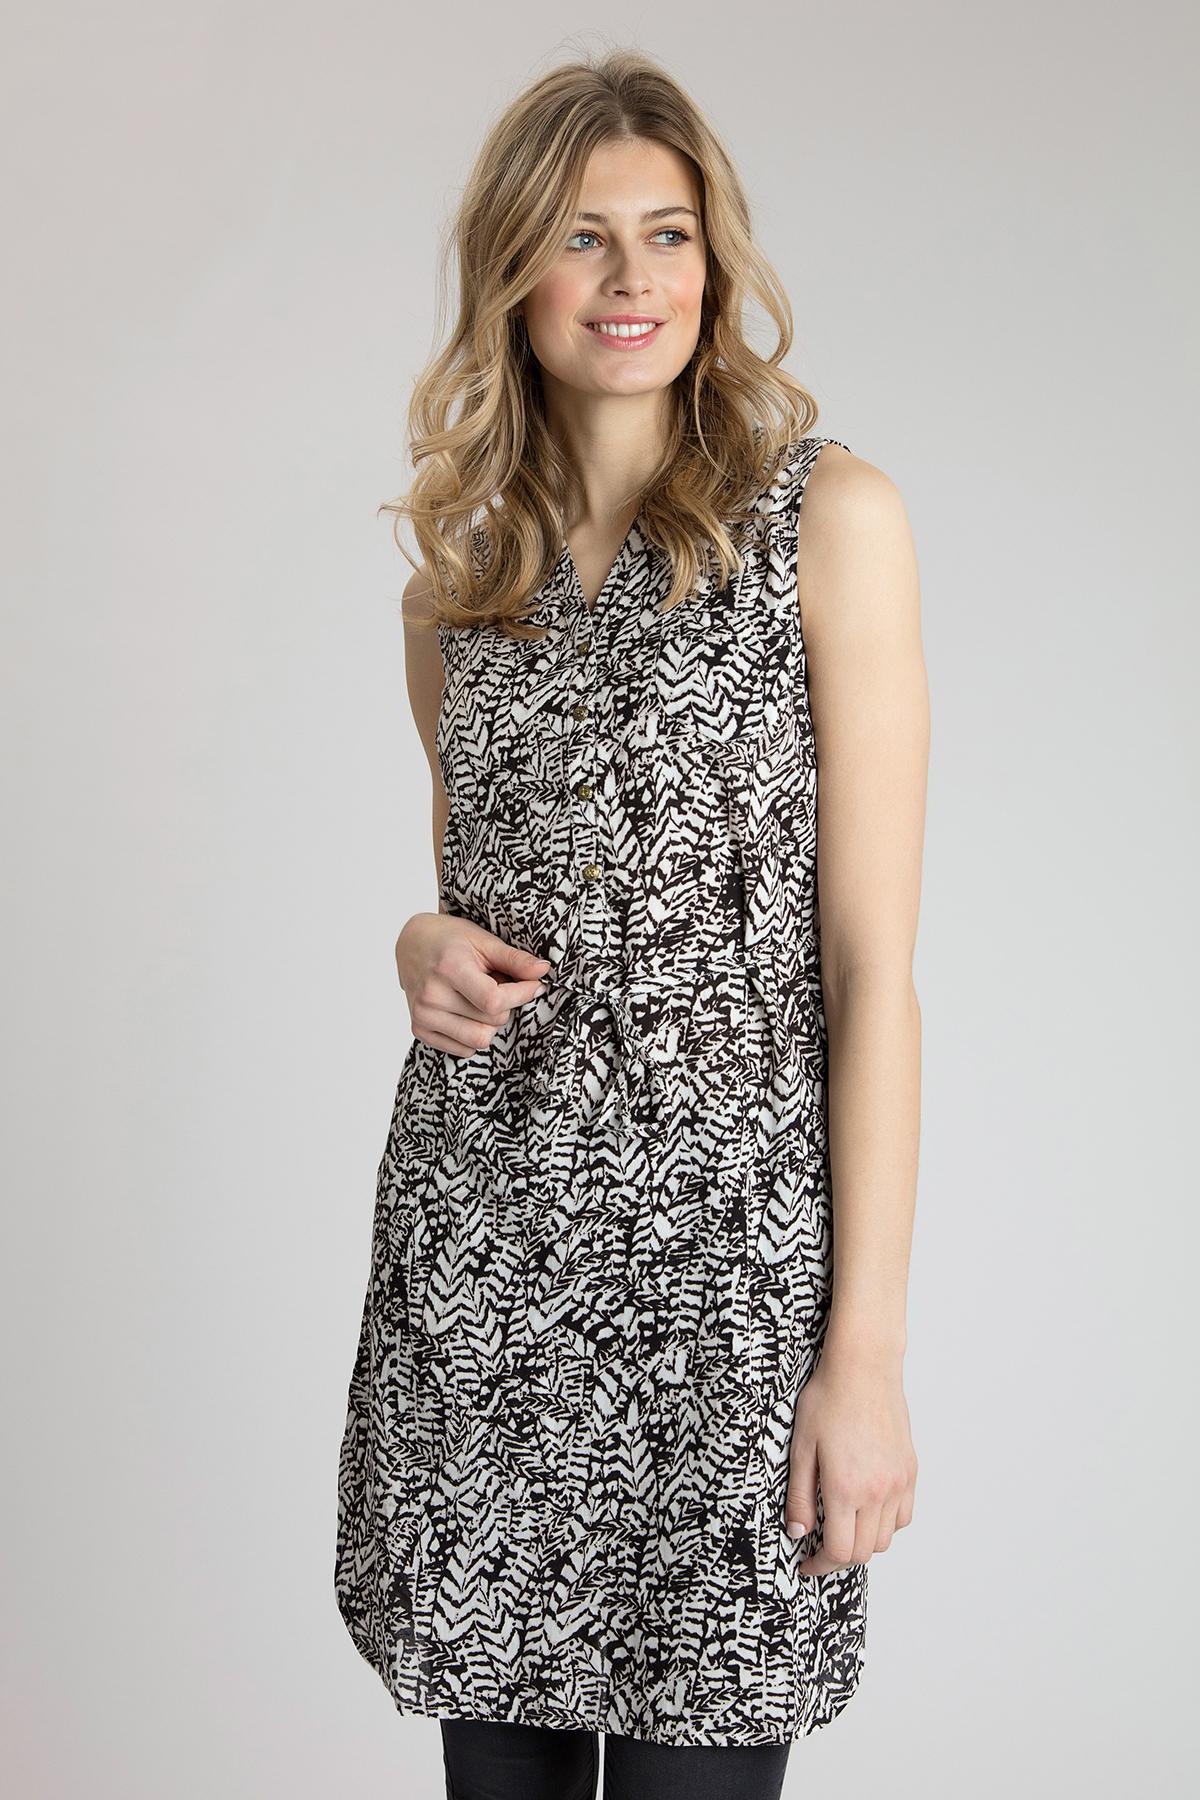 Schwarz/creme Kleid von Bon'A Parte – Shoppen Sie Schwarz/creme Kleid ab Gr. S-2XL hier